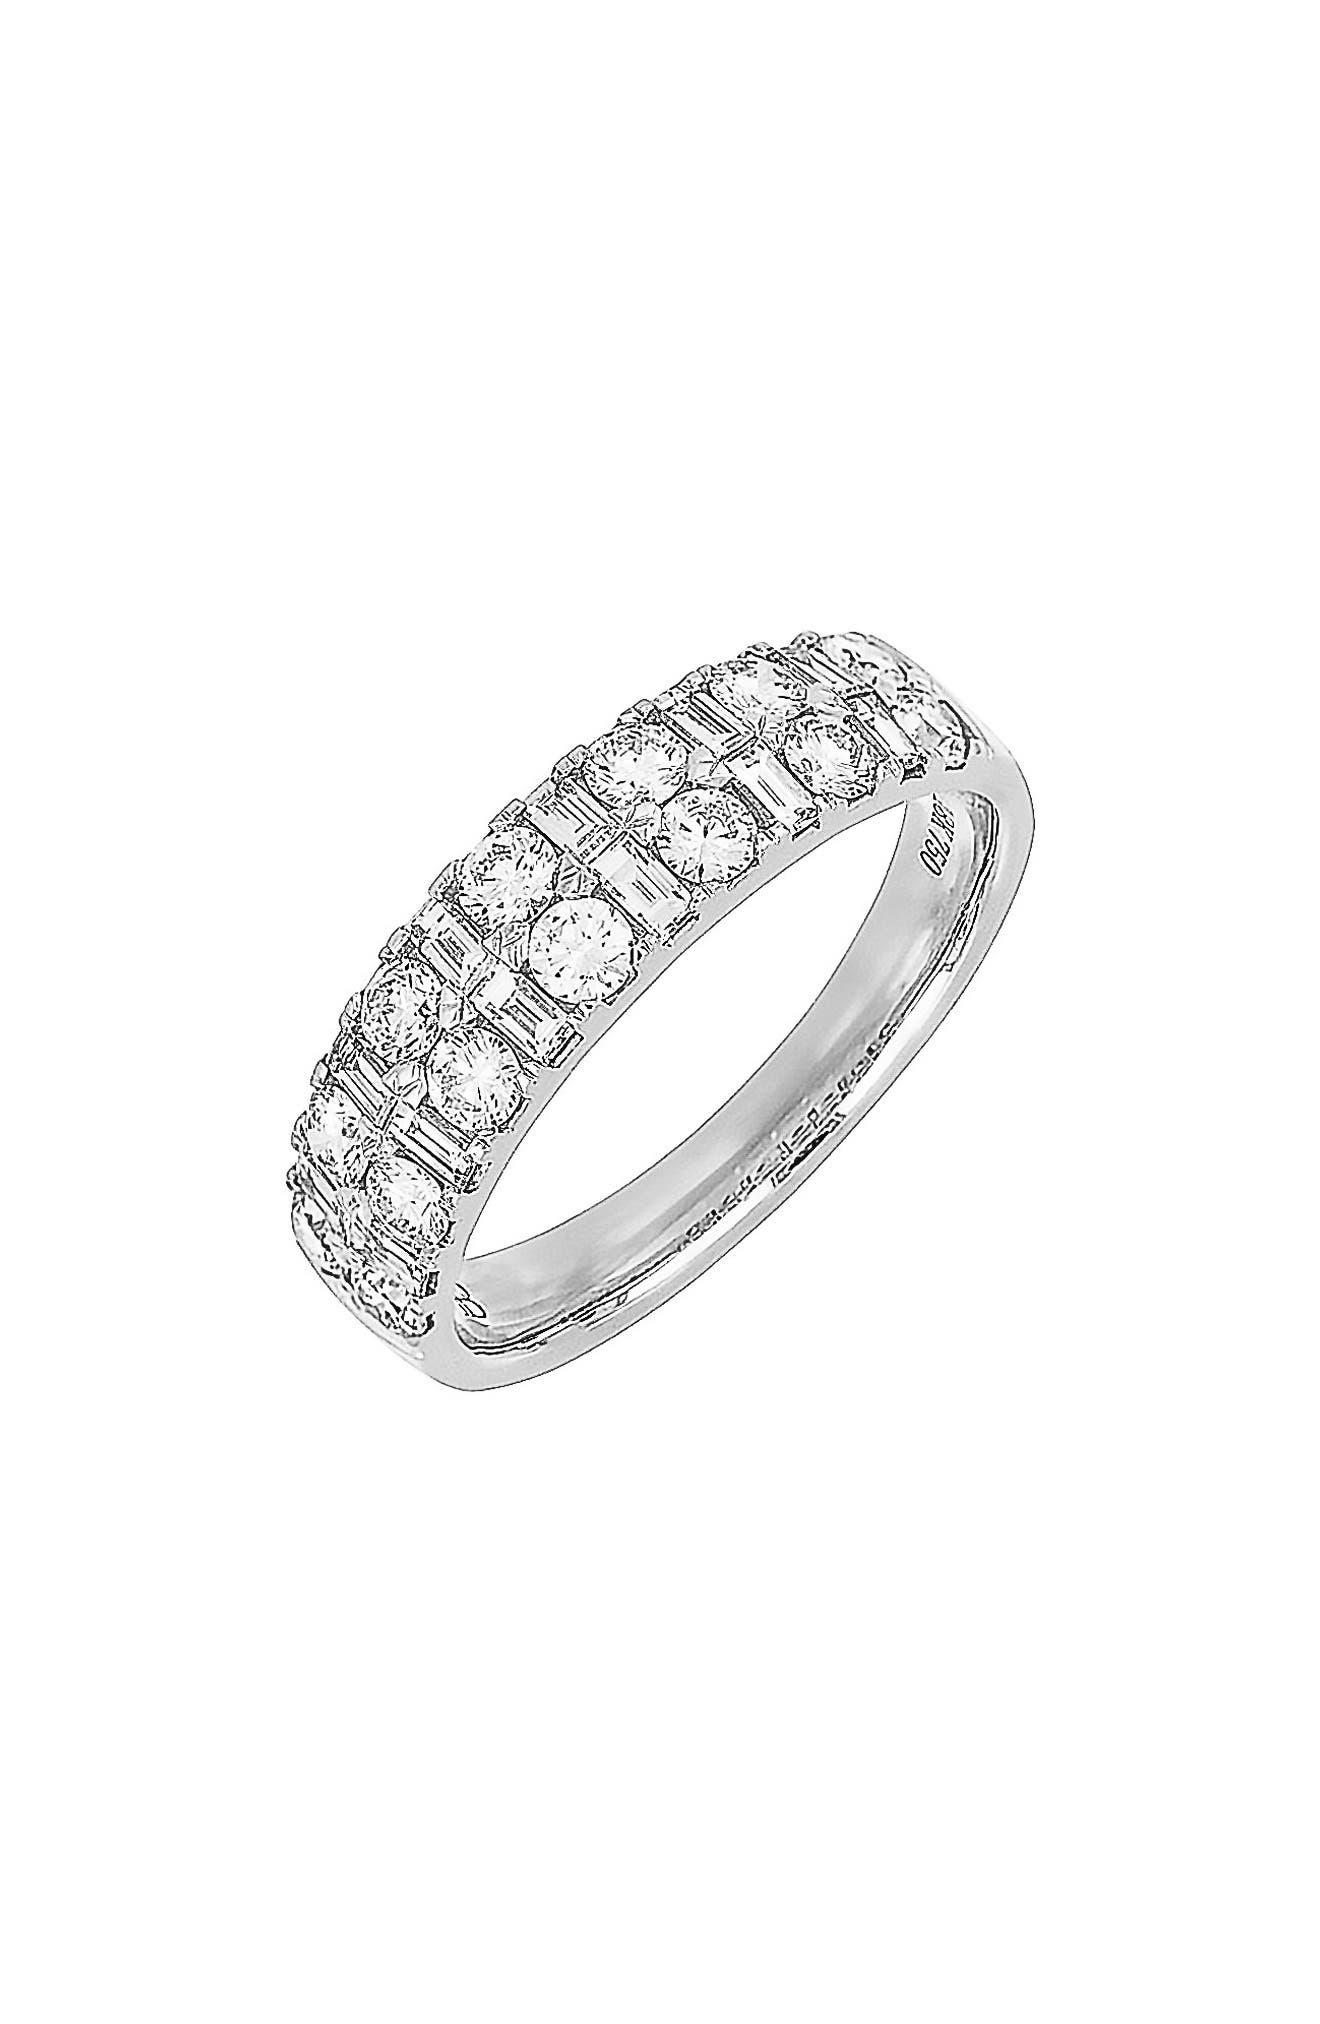 Kiera Multi Shape Diamond Ring,                             Main thumbnail 1, color,                             White Gold